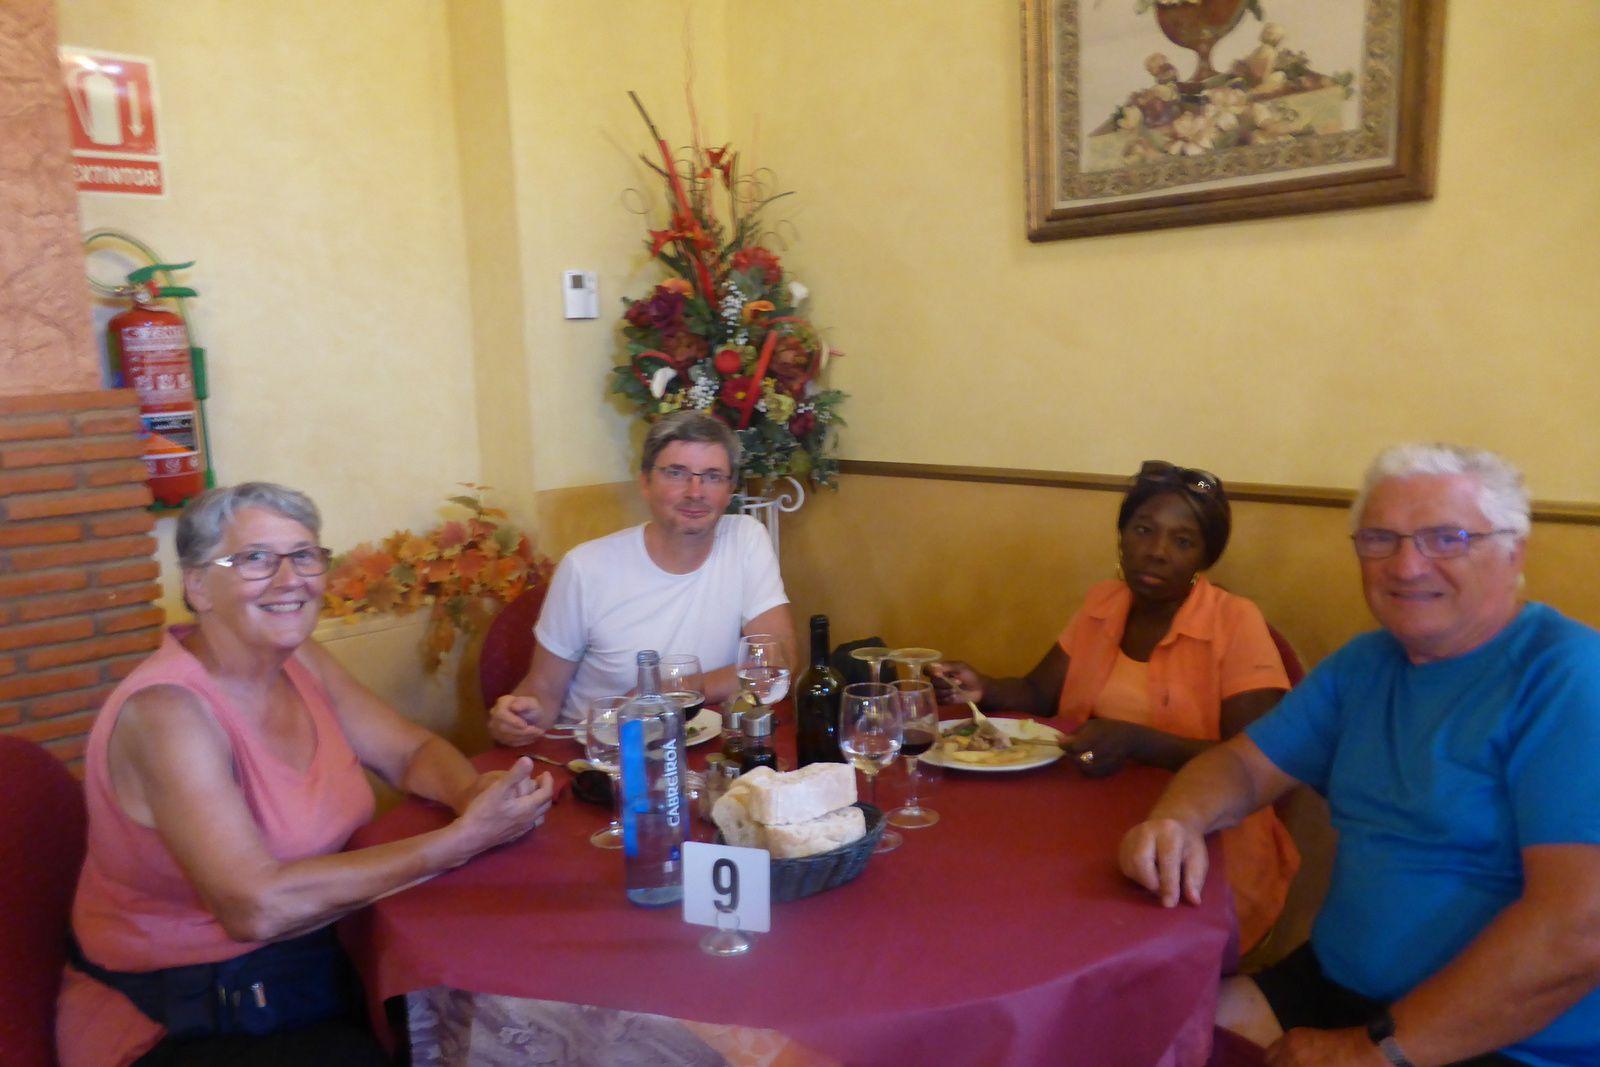 Nous sommes au repos et au repas dans l'Hôtel Restaurant Albergue San Anton Abad, un lieu fort sympathique, même pour les pèlerins, la carte du menu est en français et ça nous aide bien. Tous à table, mais fatigués.